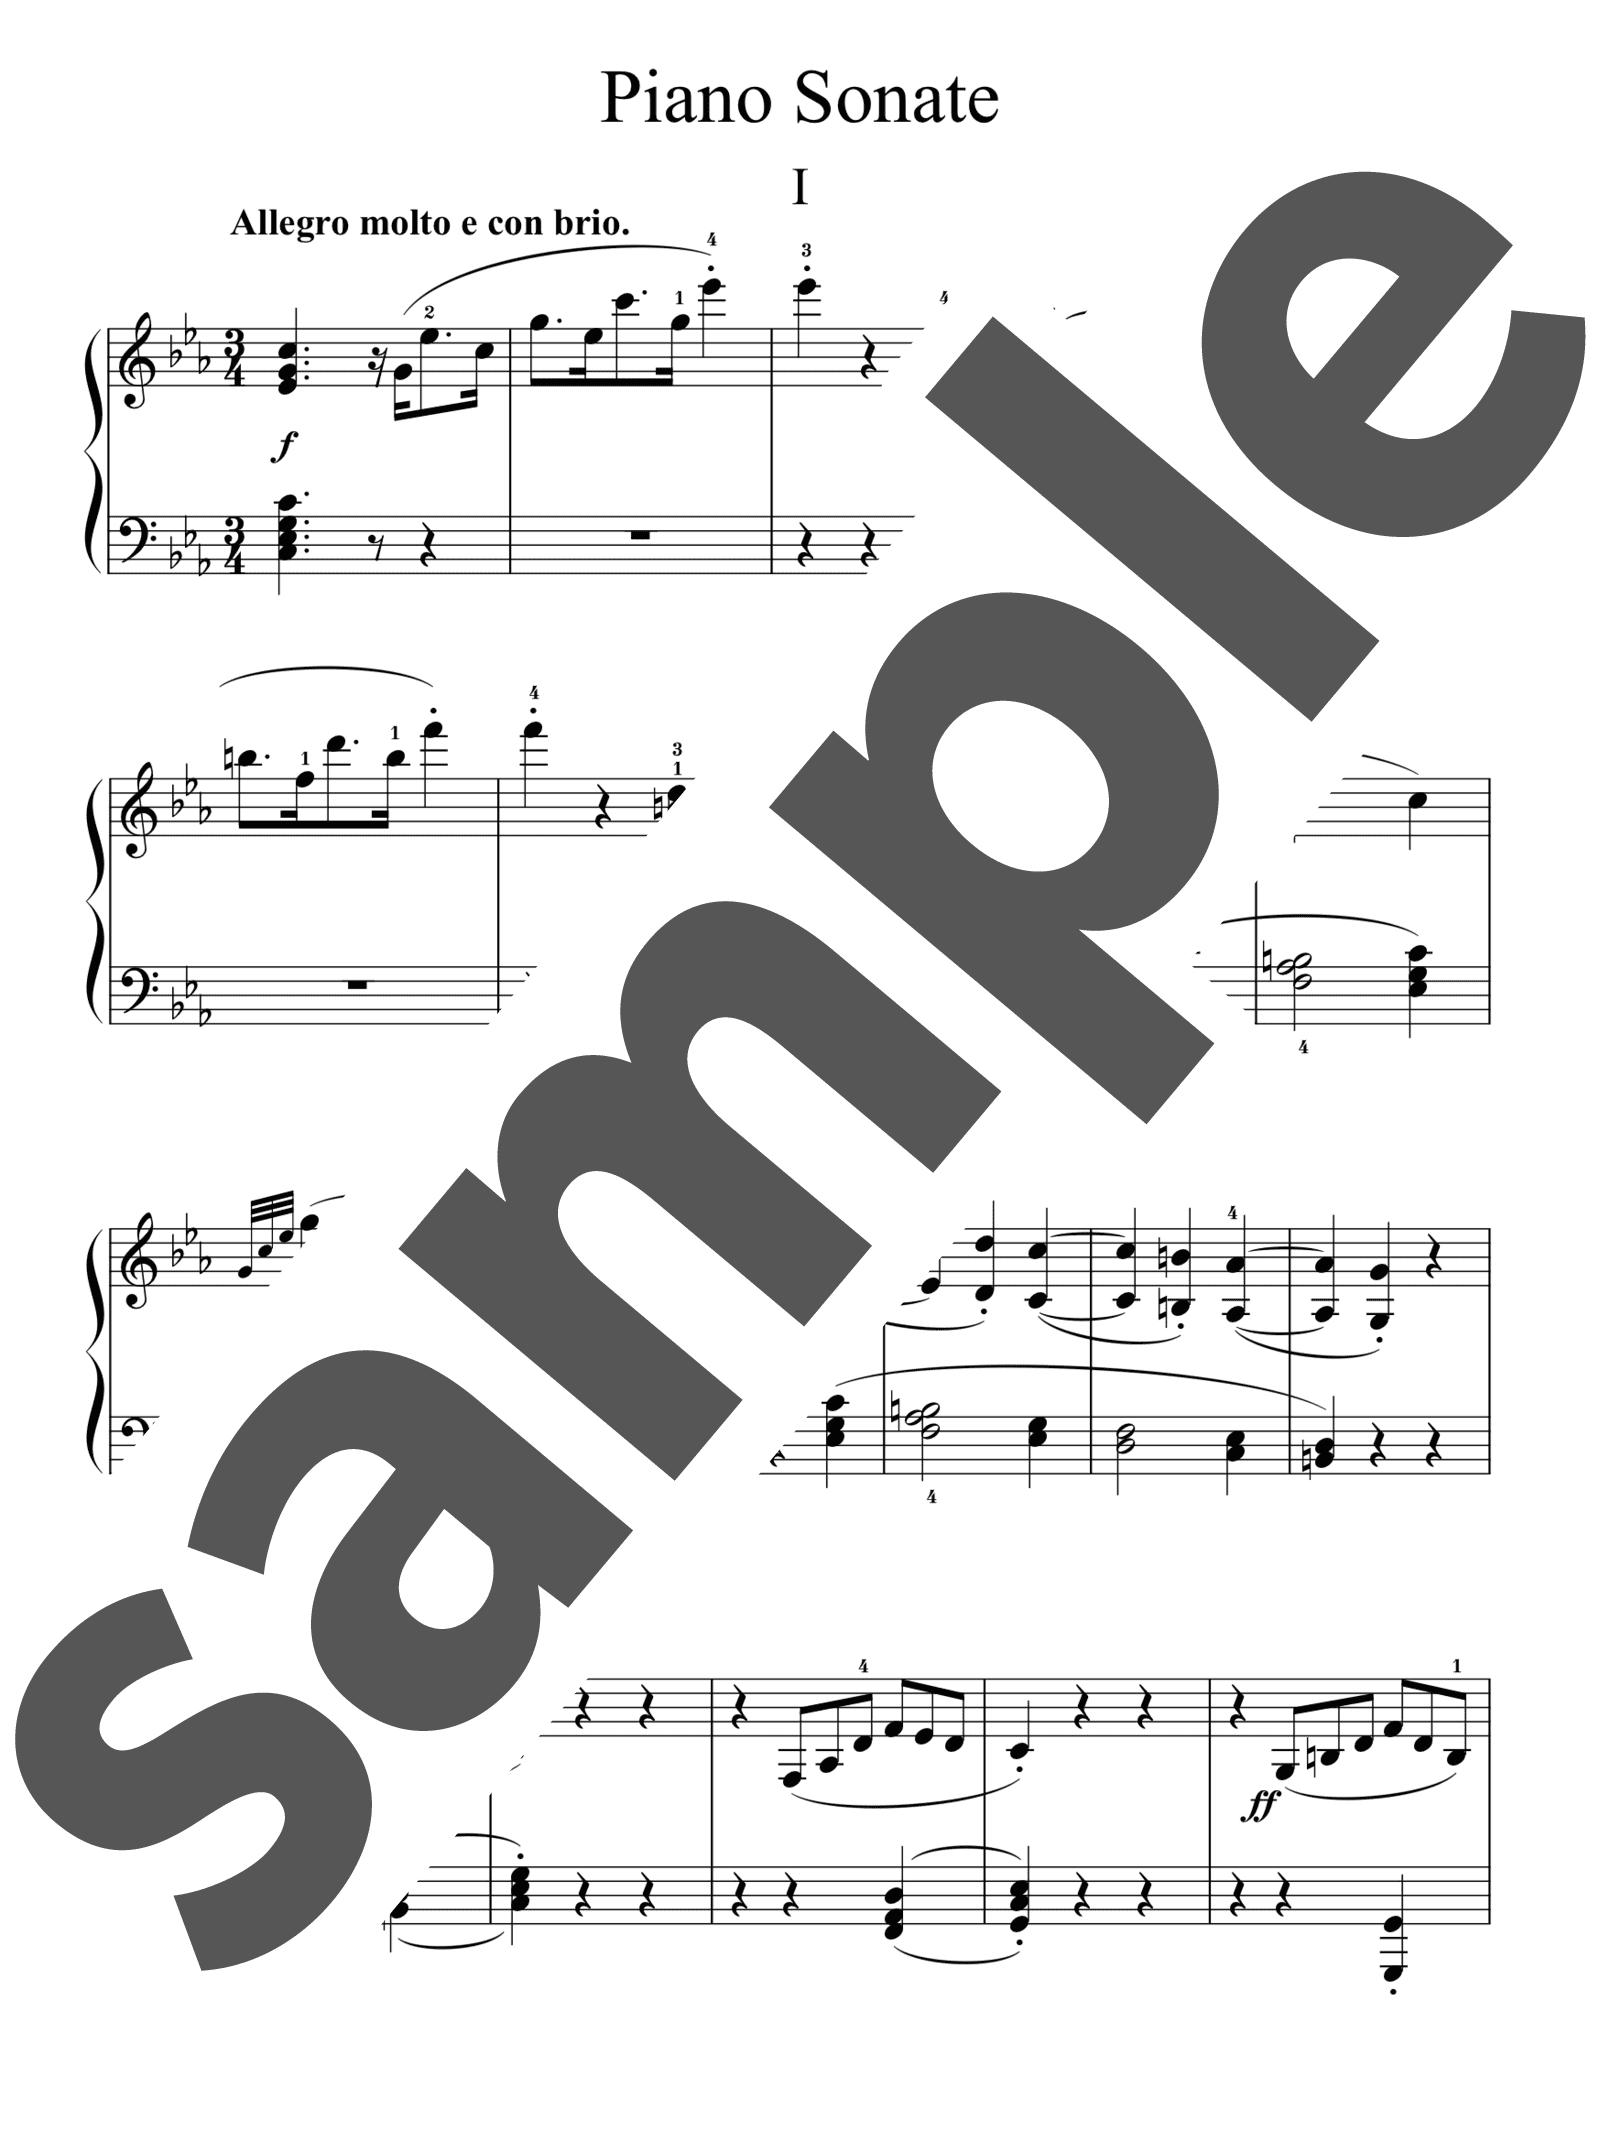 「ピアノ・ソナタ 第5番 ハ短調 第1楽章」のサンプル楽譜